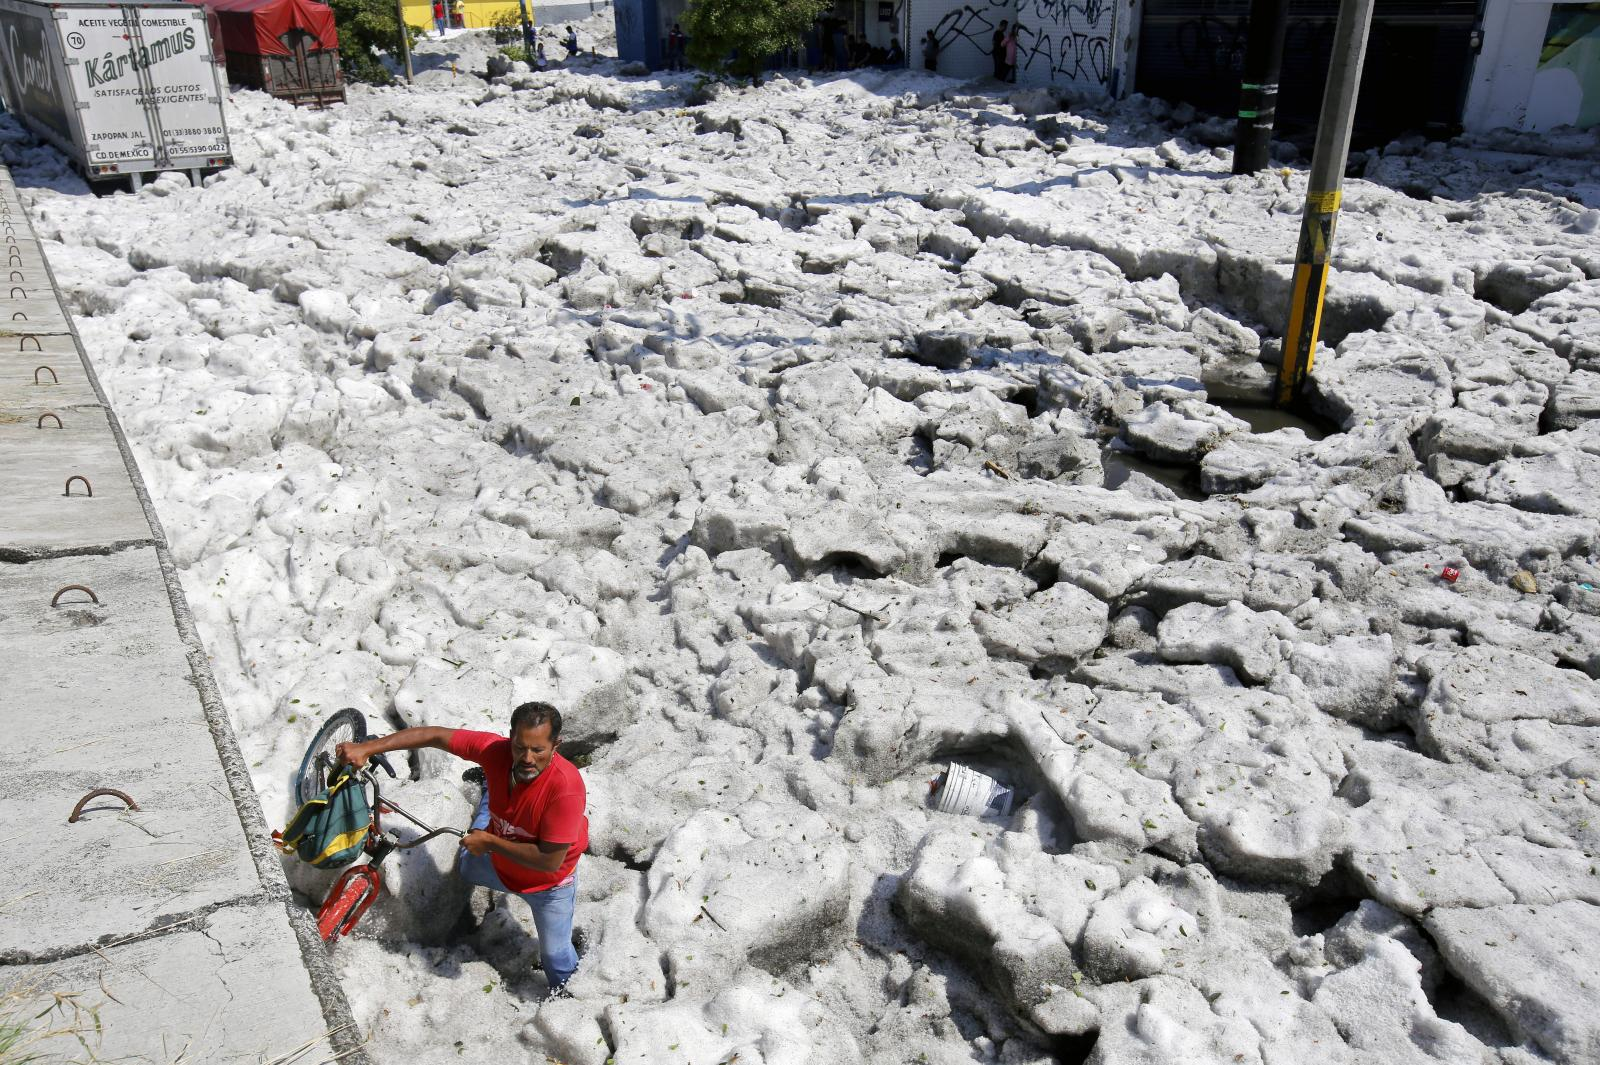 เม็กซิโกโดนพายุลูกเห็บถล่ม